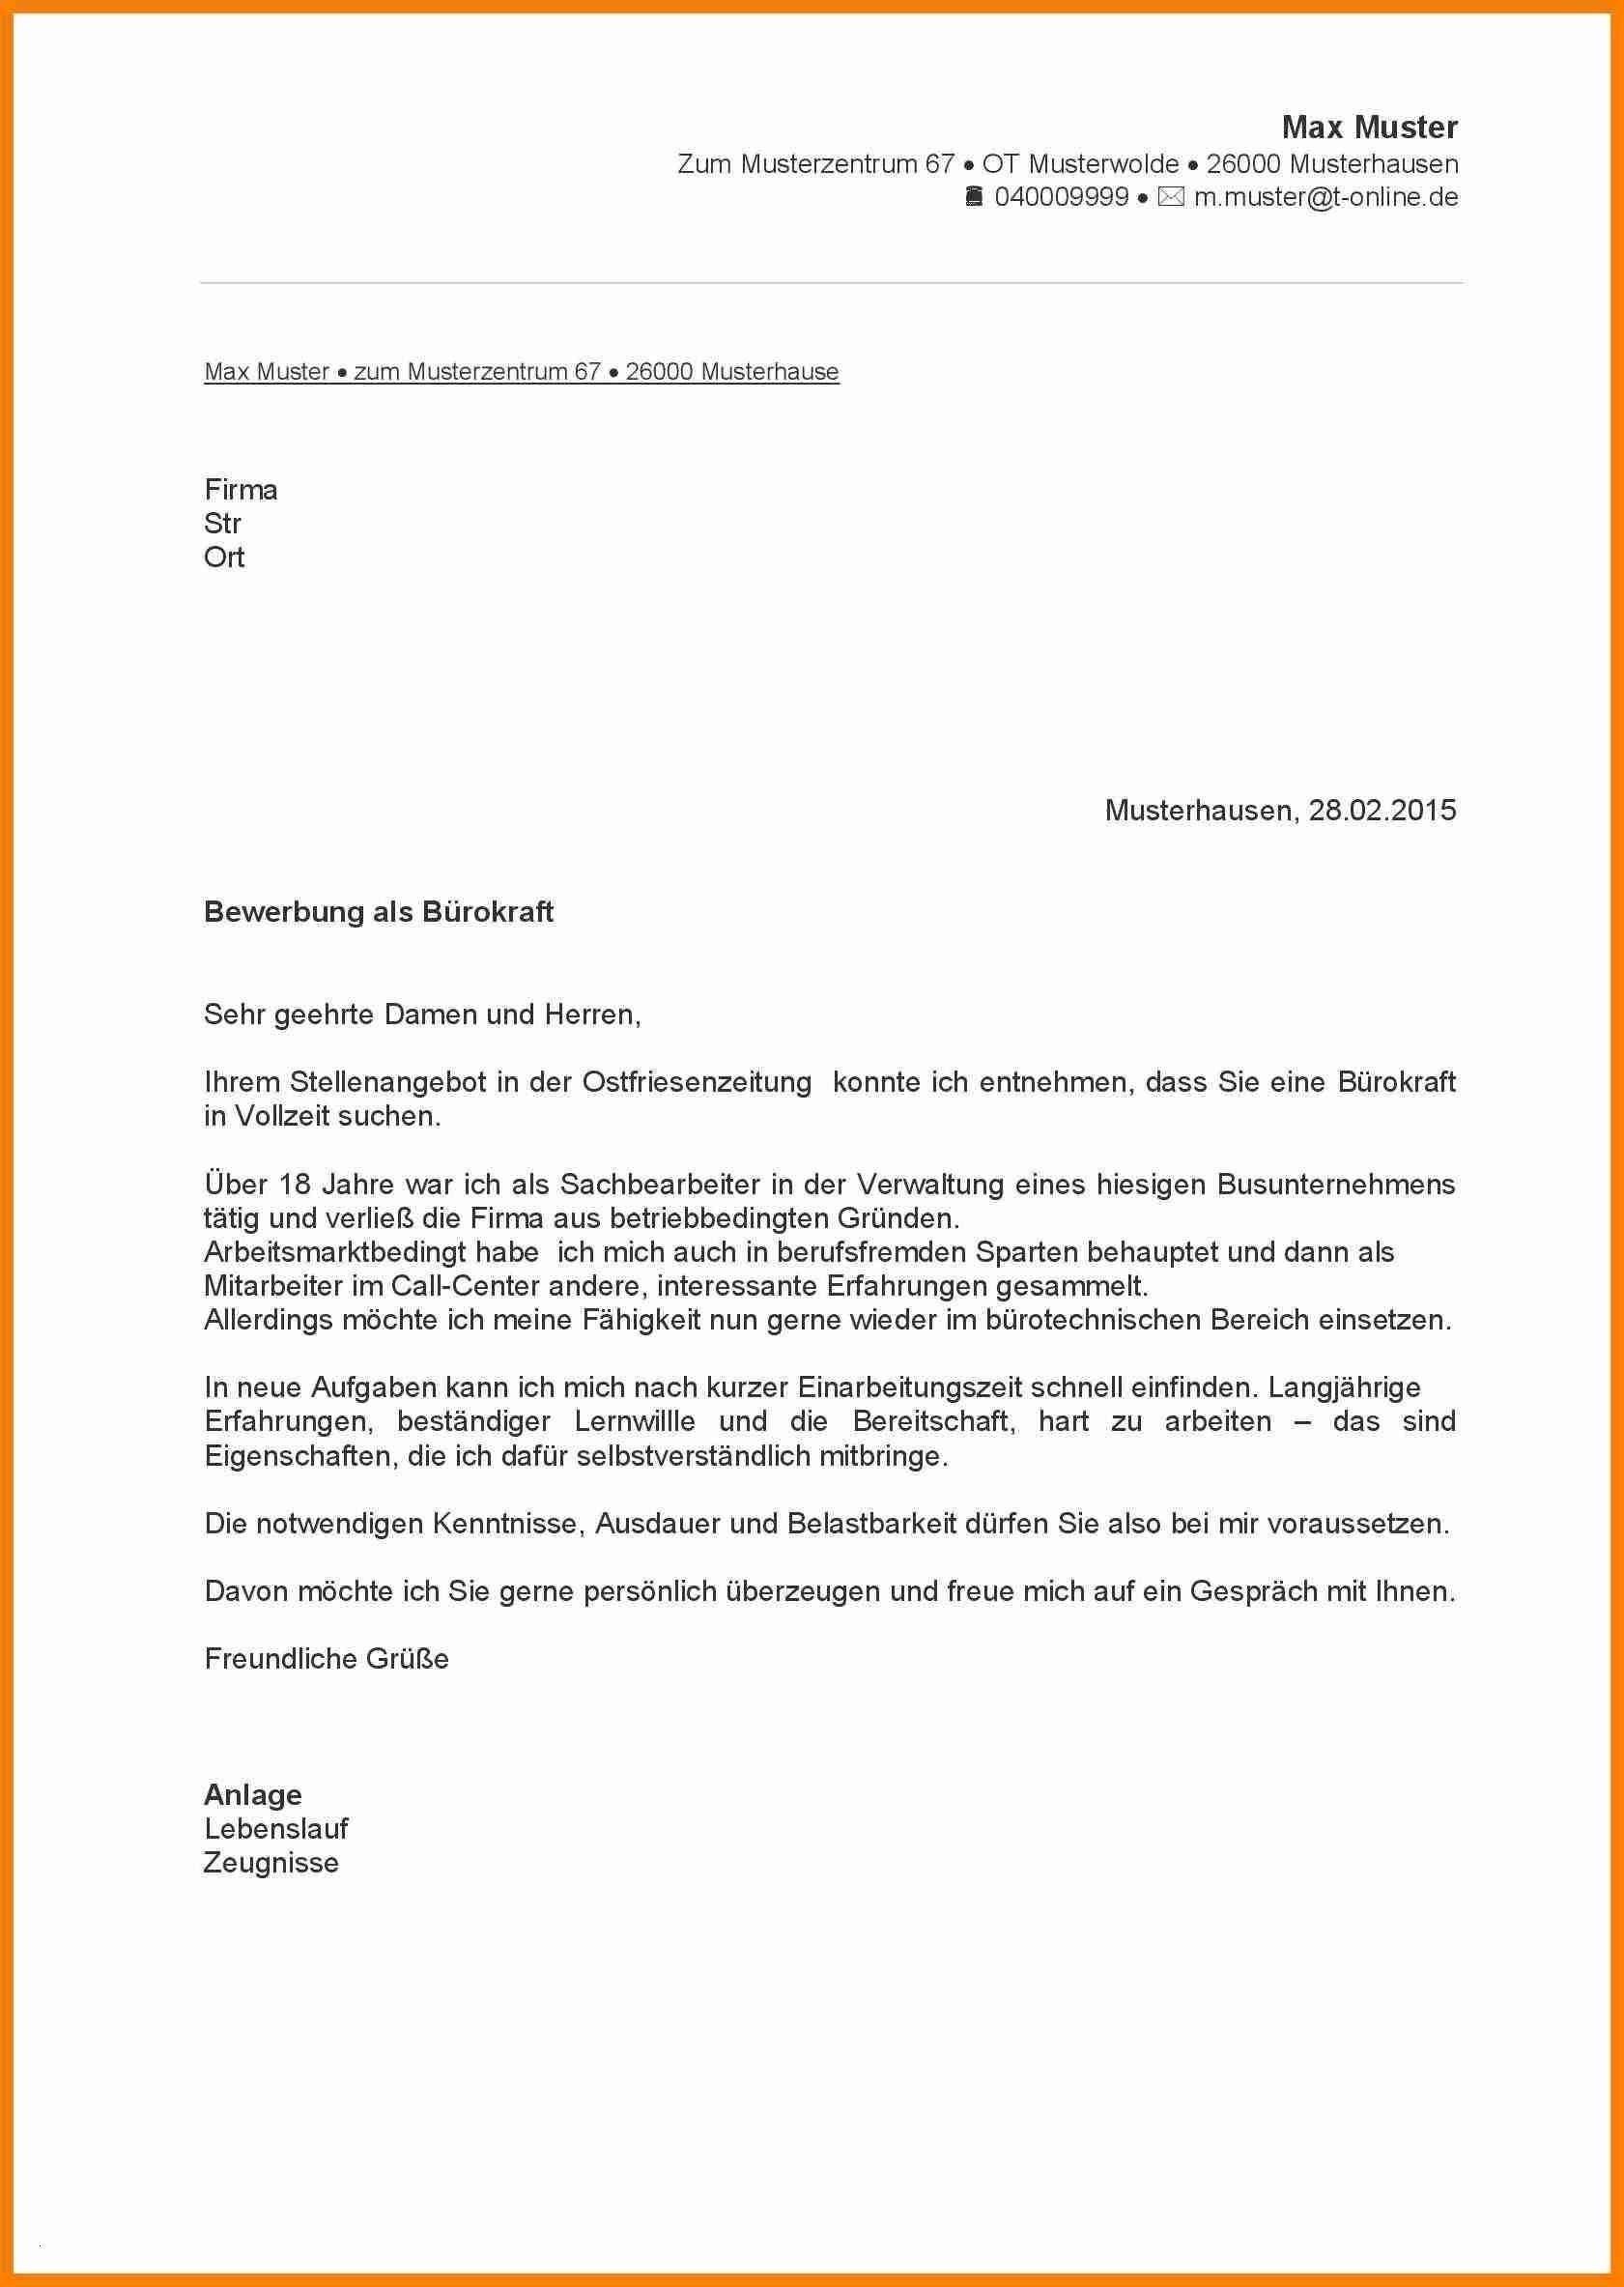 Frisch Bewerbungsvorlage Pdf Briefprobe Briefformat Briefvorlage Lebenslauf Muster Bewerbung Schreiben Lebenslauf